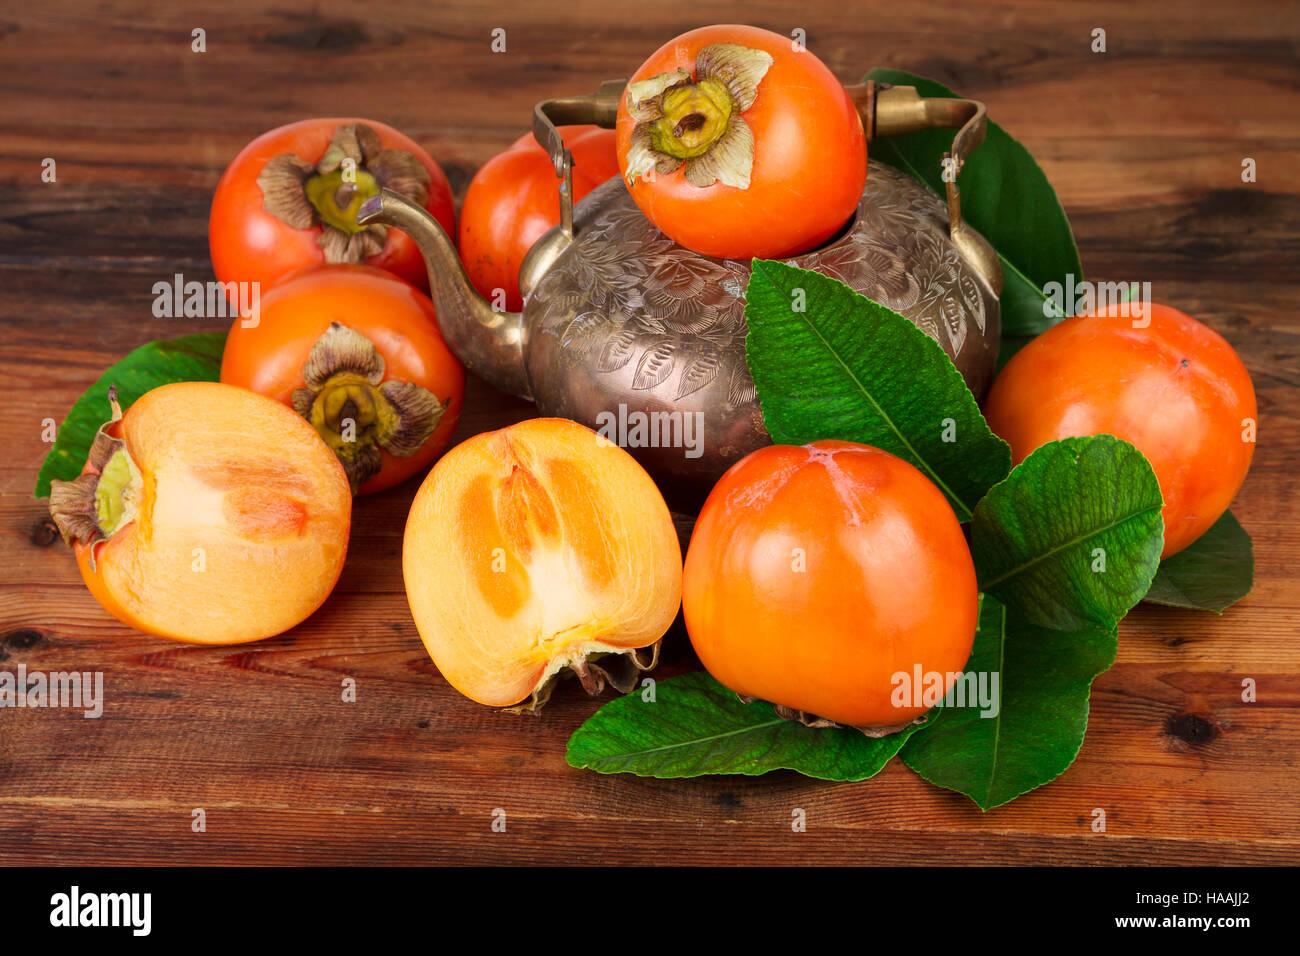 Reife Kaki Früchte mit Vintage Teekanne. Orientalische Osten persische Stillleben. Stockfoto